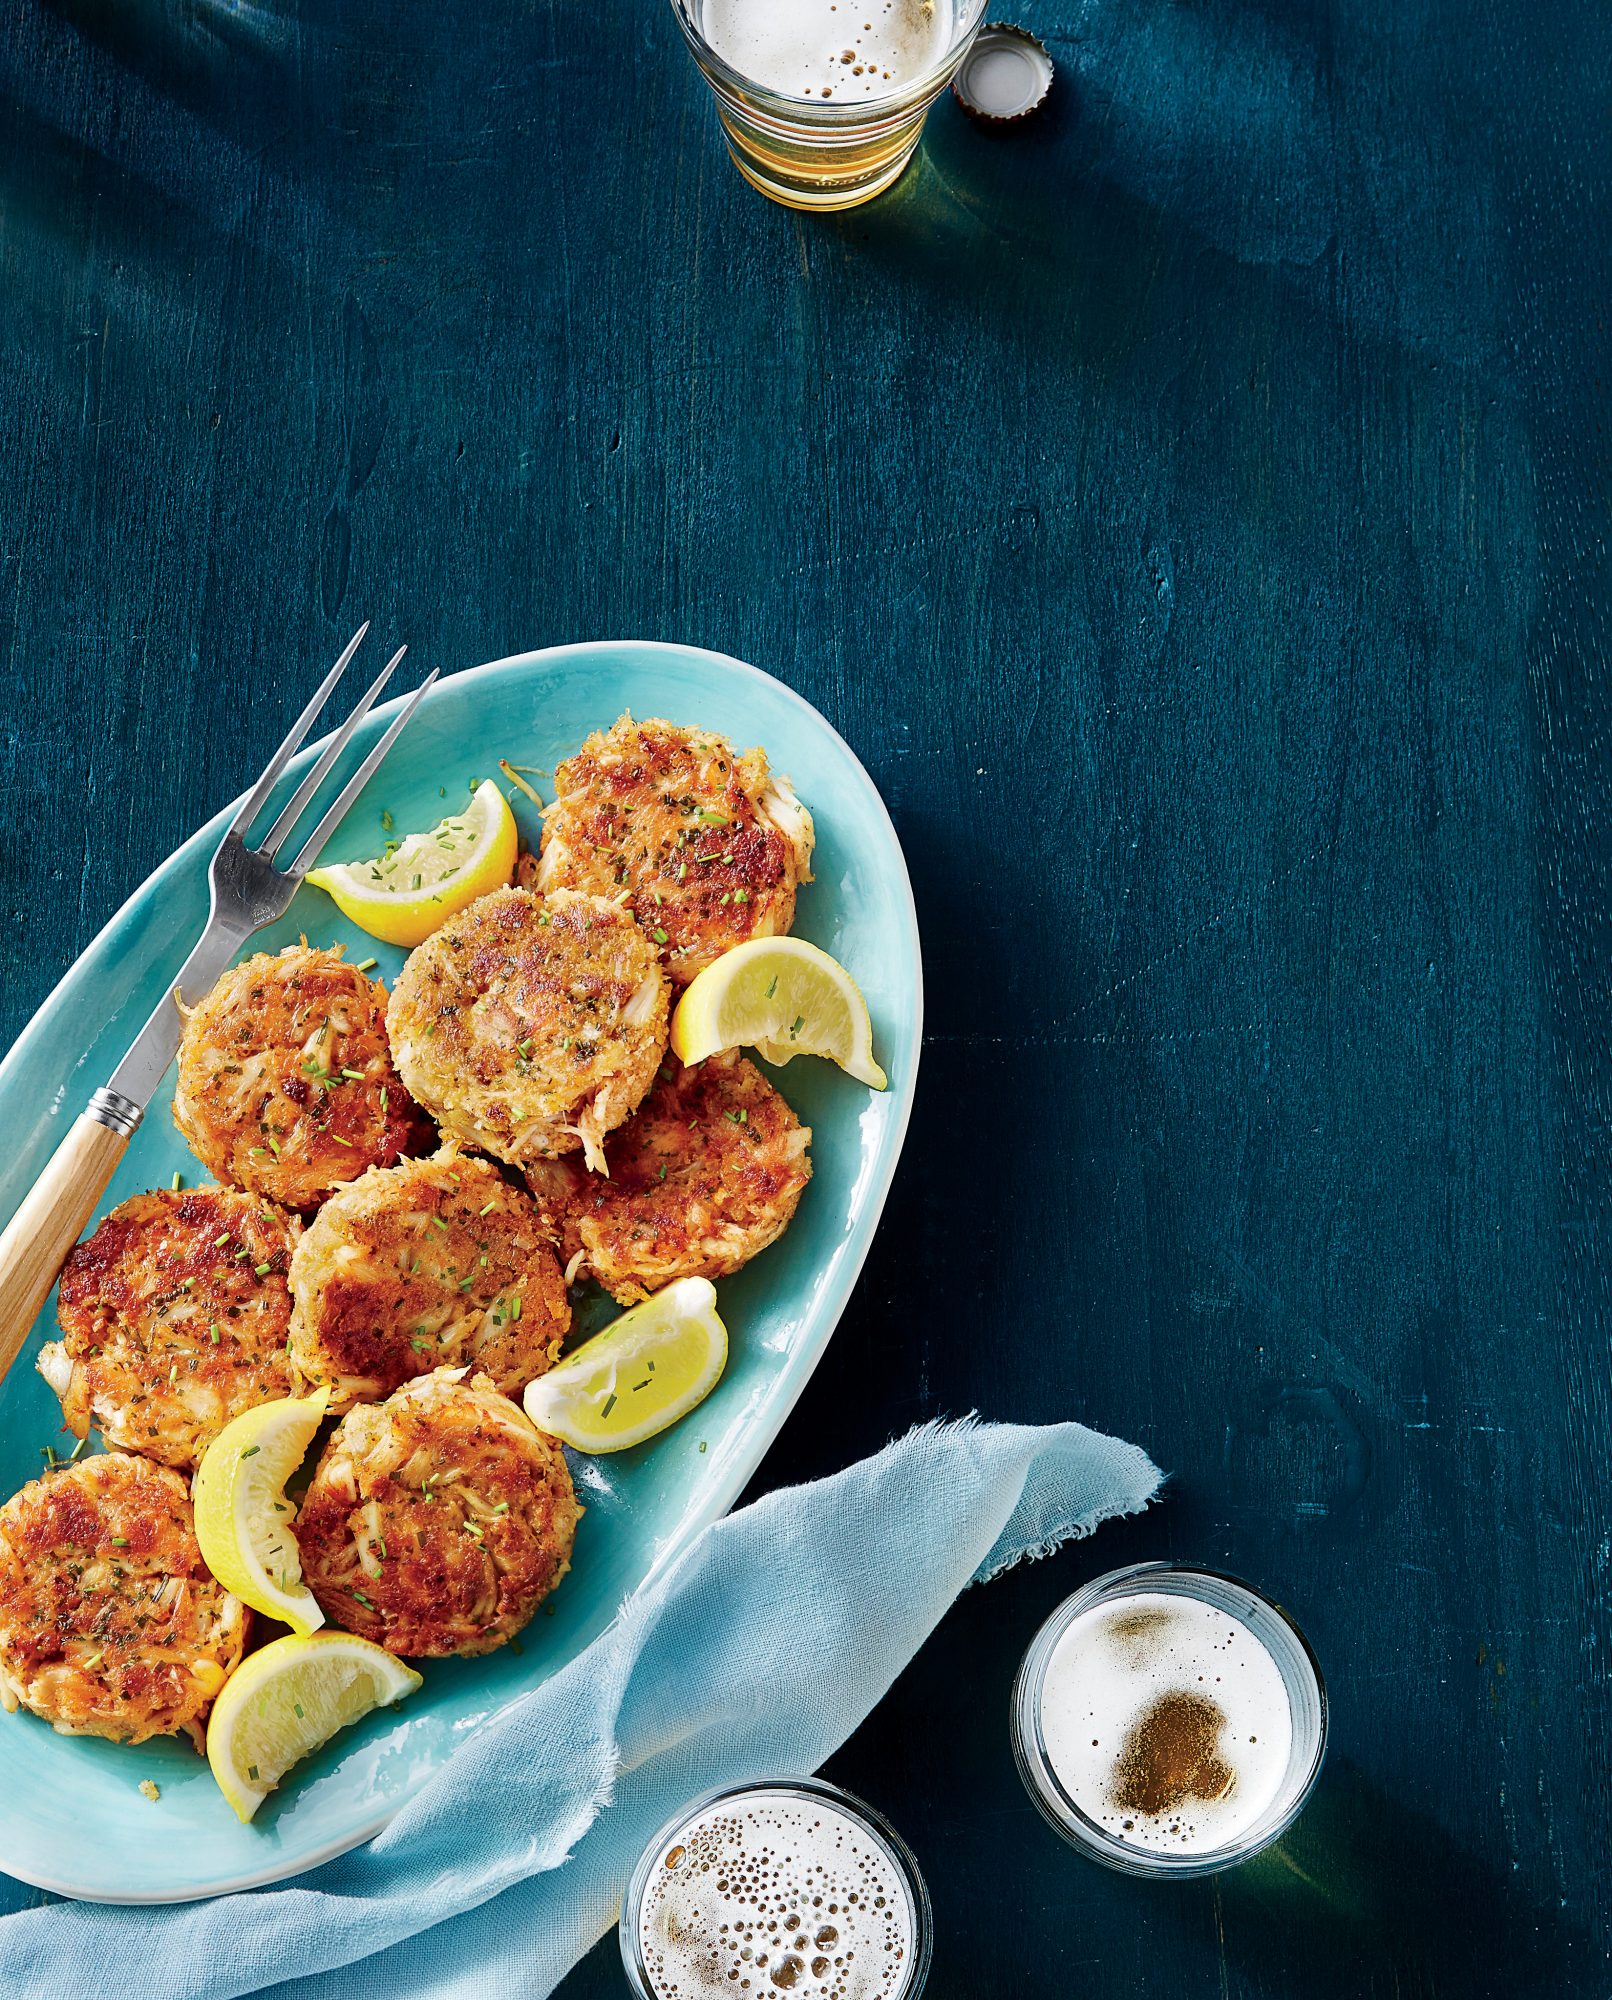 Chesapeake Crab Cakes Recipe Myrecipes